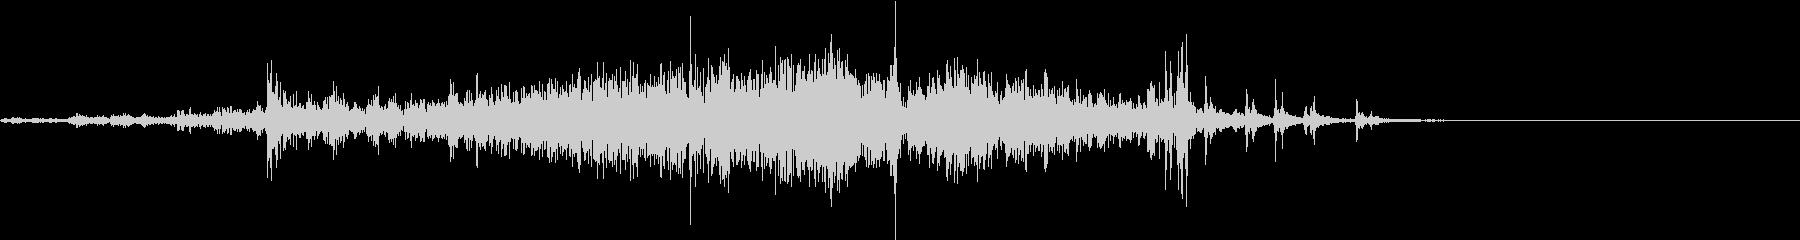 【生録音】カーテンの開閉音 1の未再生の波形